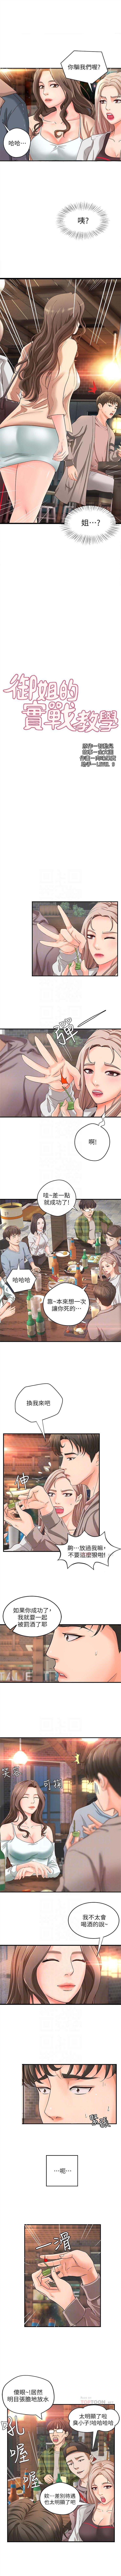 御姐的實戰教學 1-24 官方中文(連載中) 28